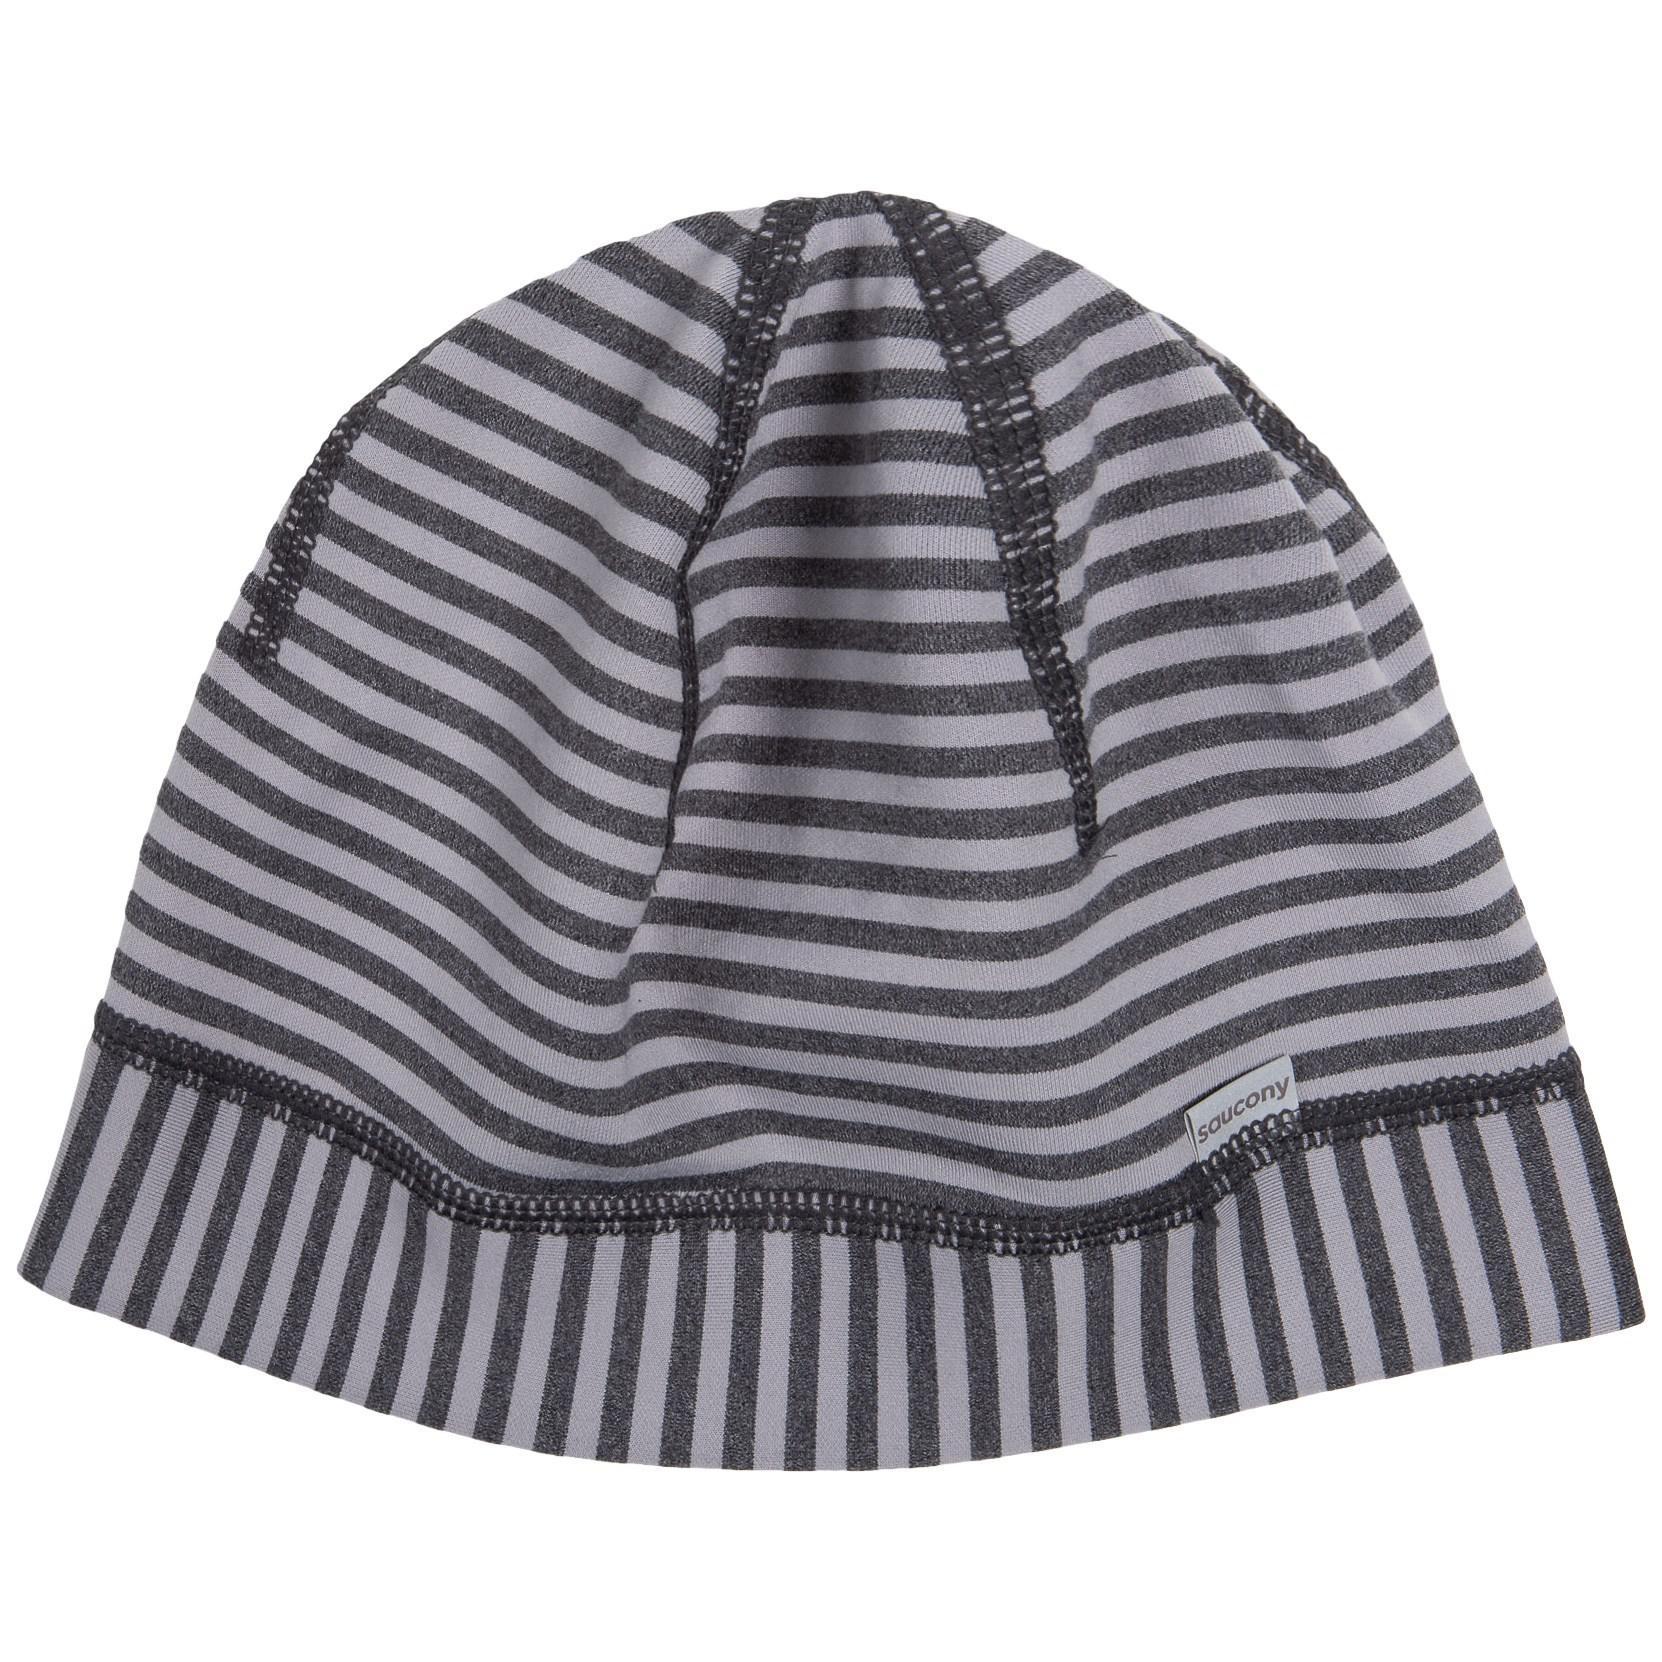 e2b1e0381f8 Lyst - Saucony Brisk Skull Cap Hat in Gray